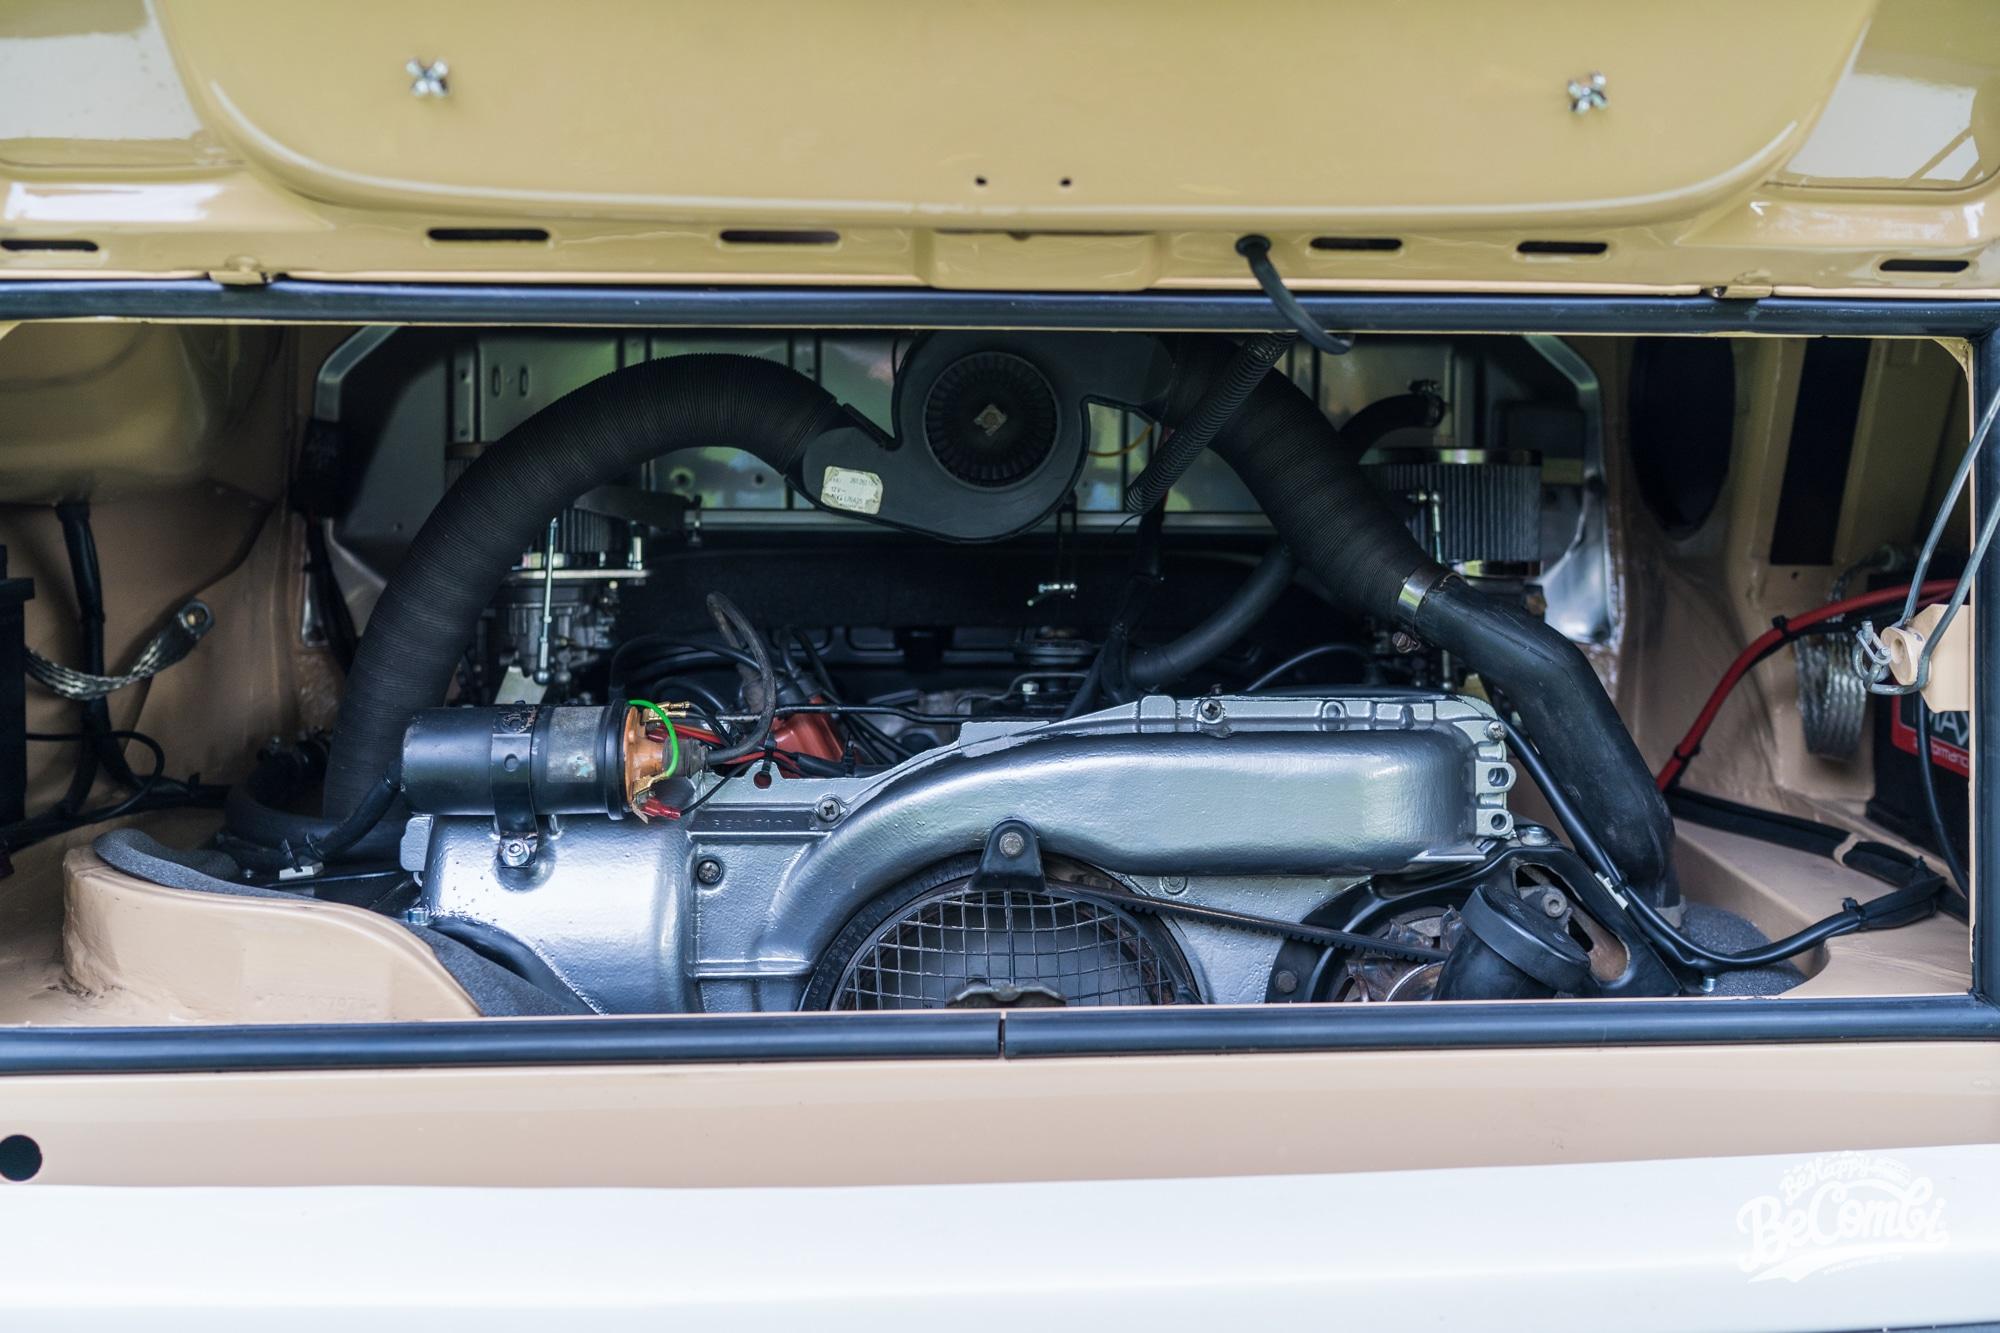 VW Combi Berlin - Schmecko - BeCombi-21